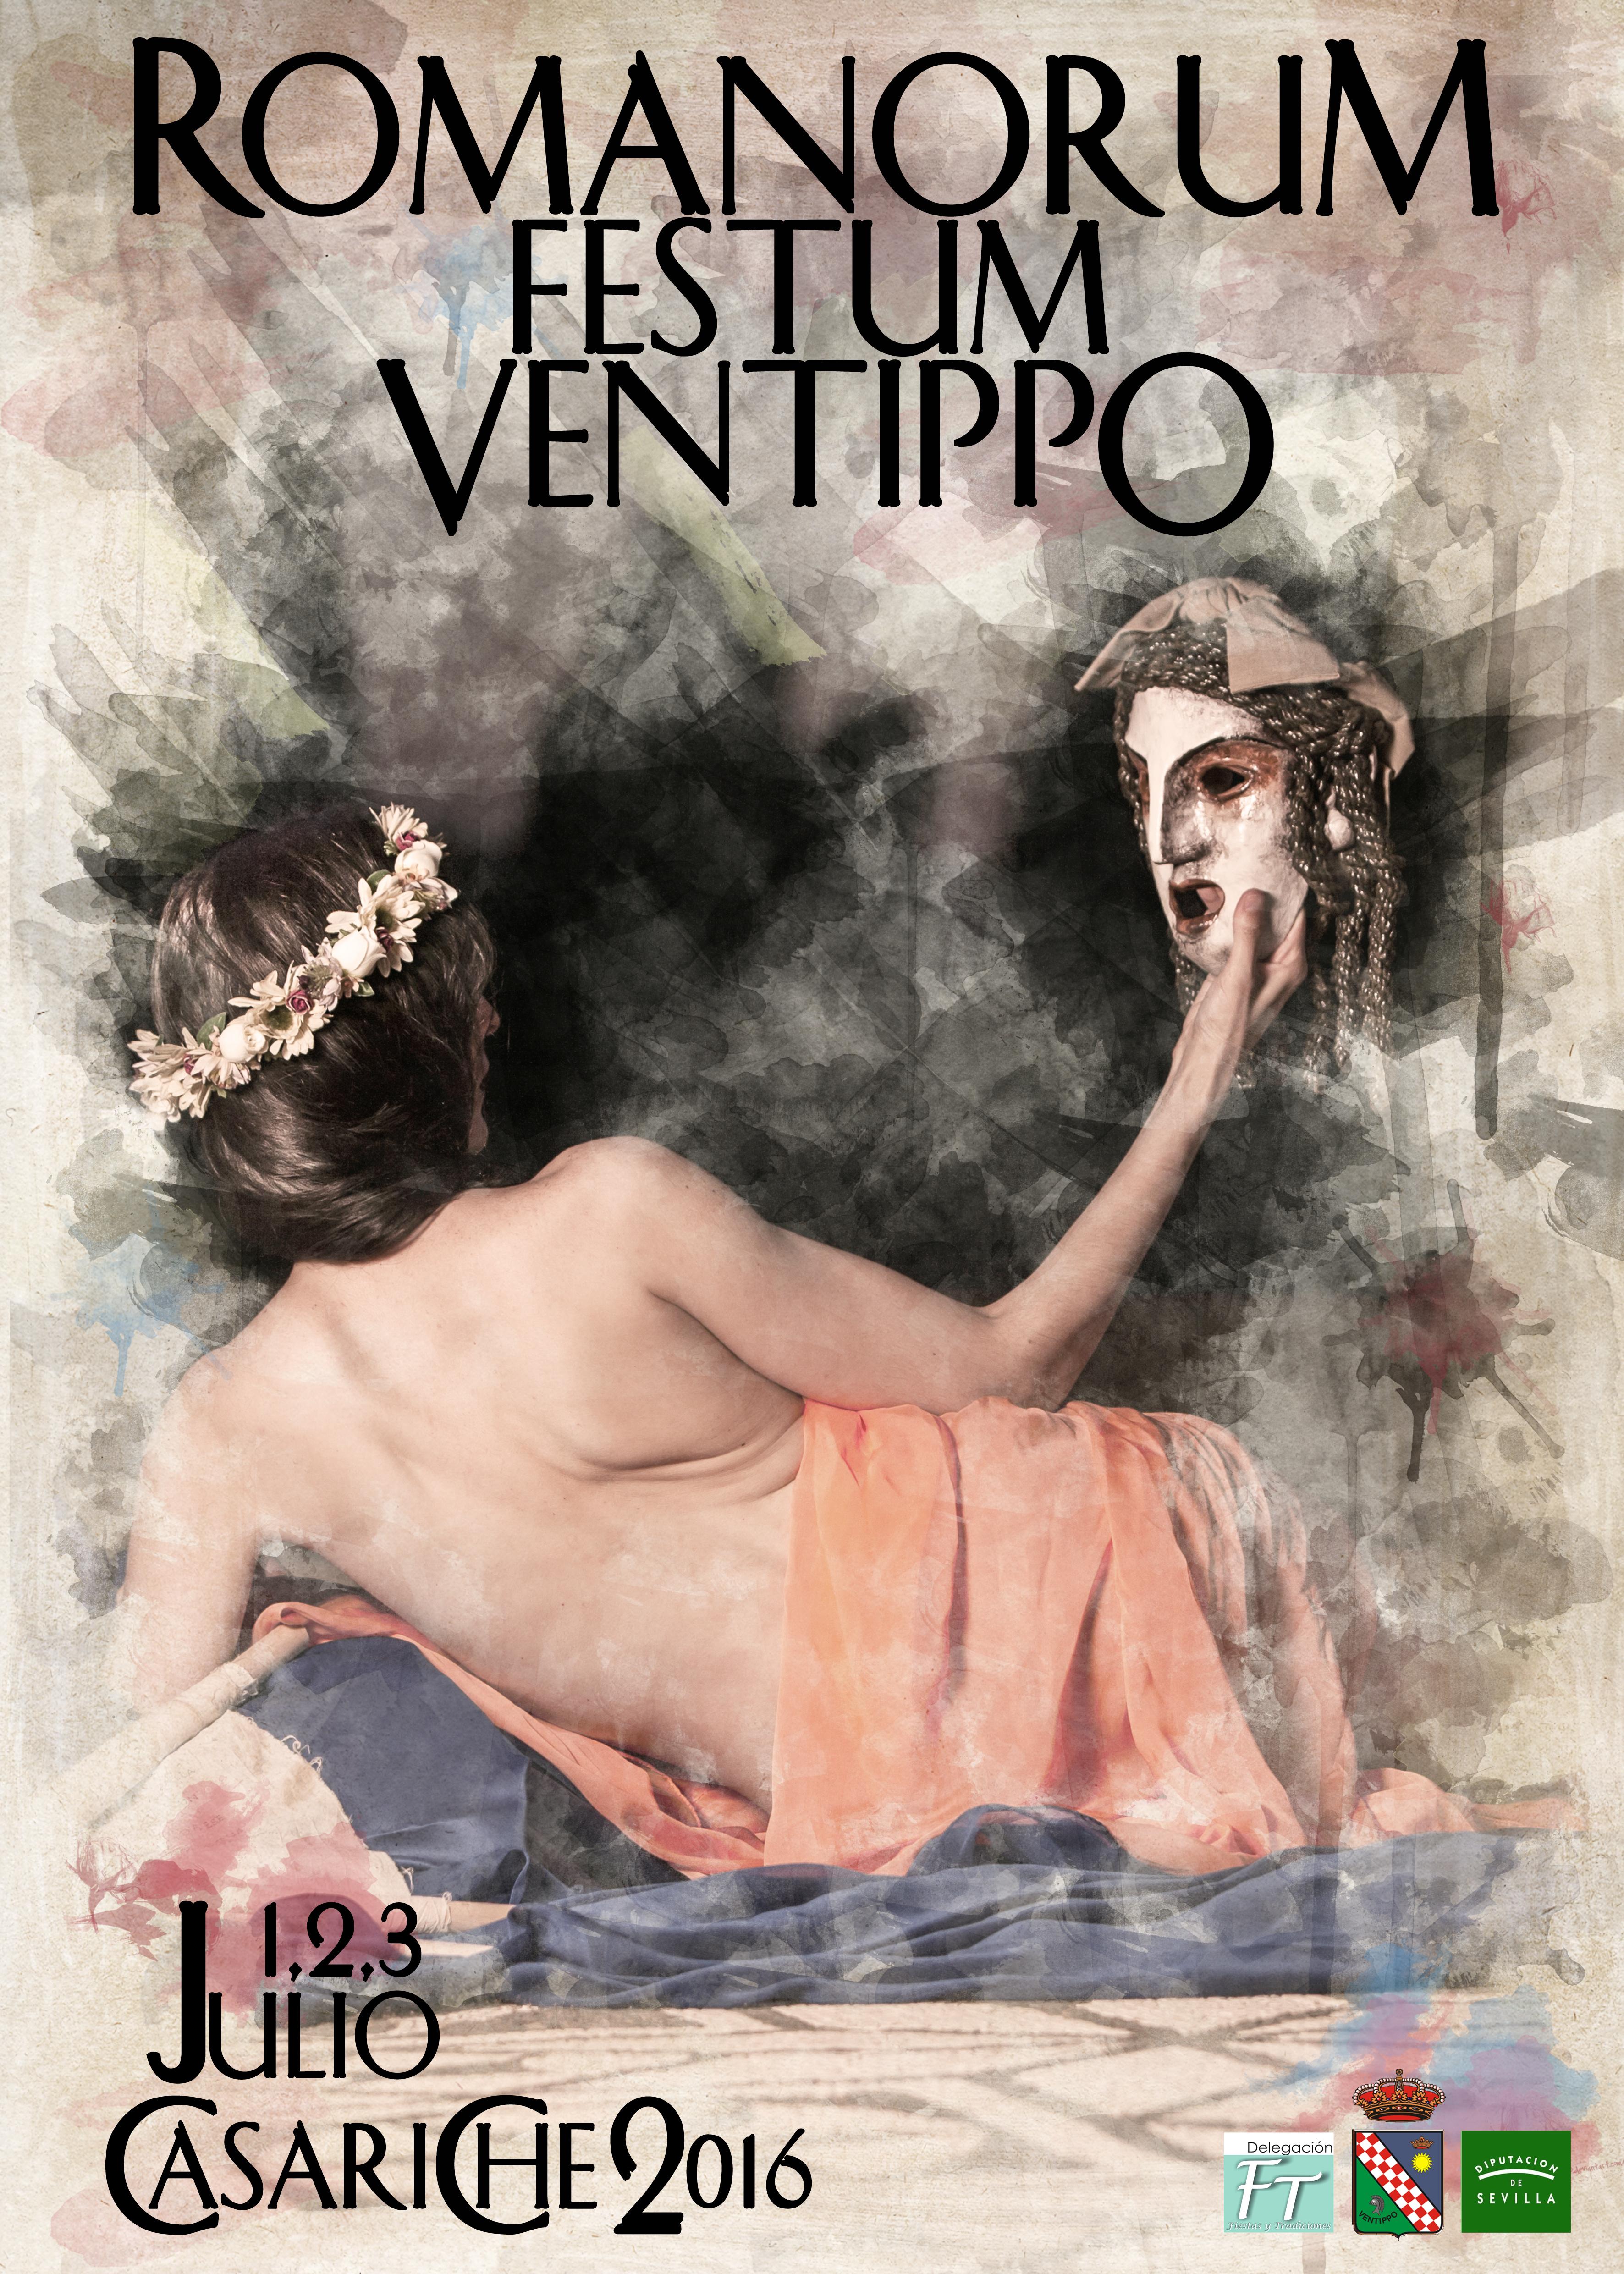 3, 2, 1…de Julio: V Romanorum Festum Ventippo! Empieza la cuenta atrás.